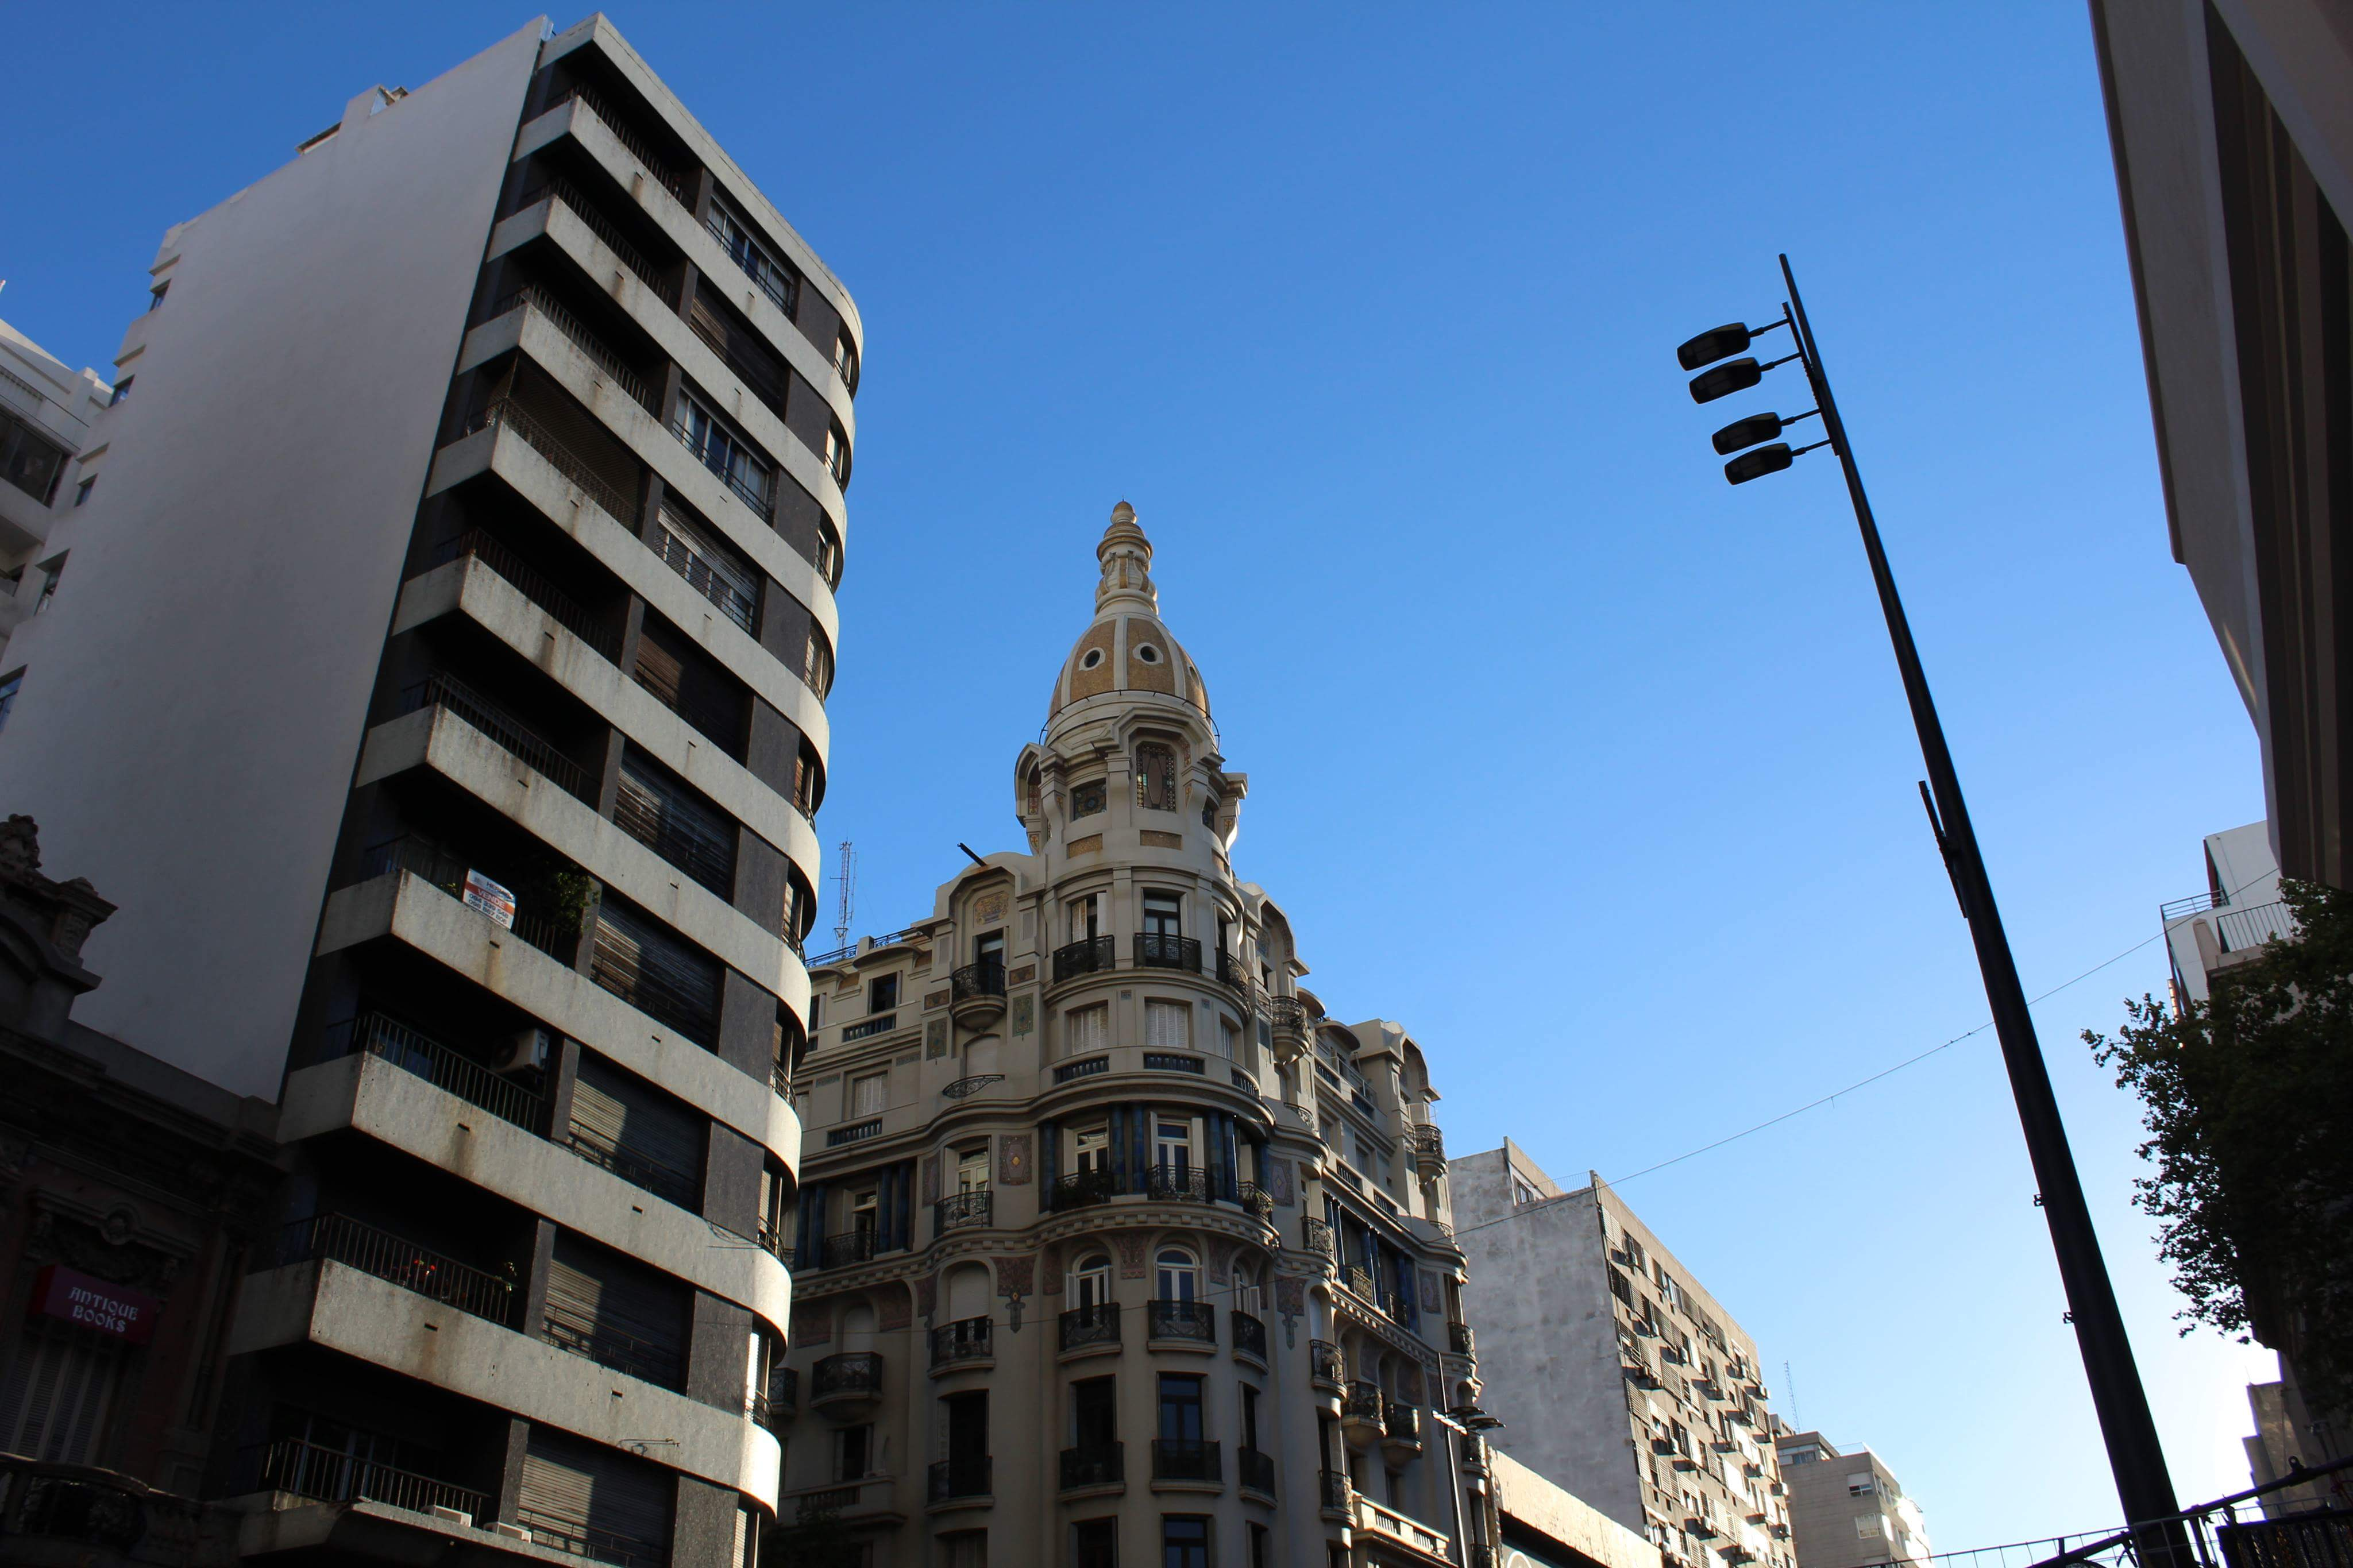 9. kép: Avenida 18 de Julio – az alkotmány kiadásának keltéről elnevezett főút